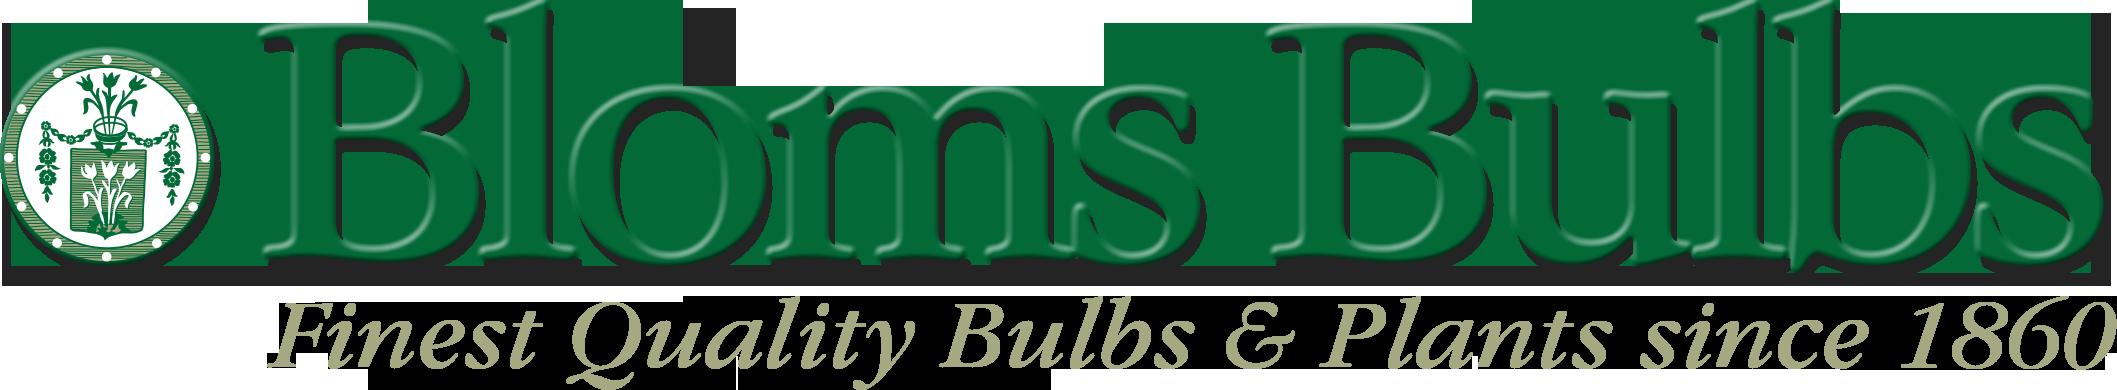 Blomsbulbs Melchbourne 01234 709099